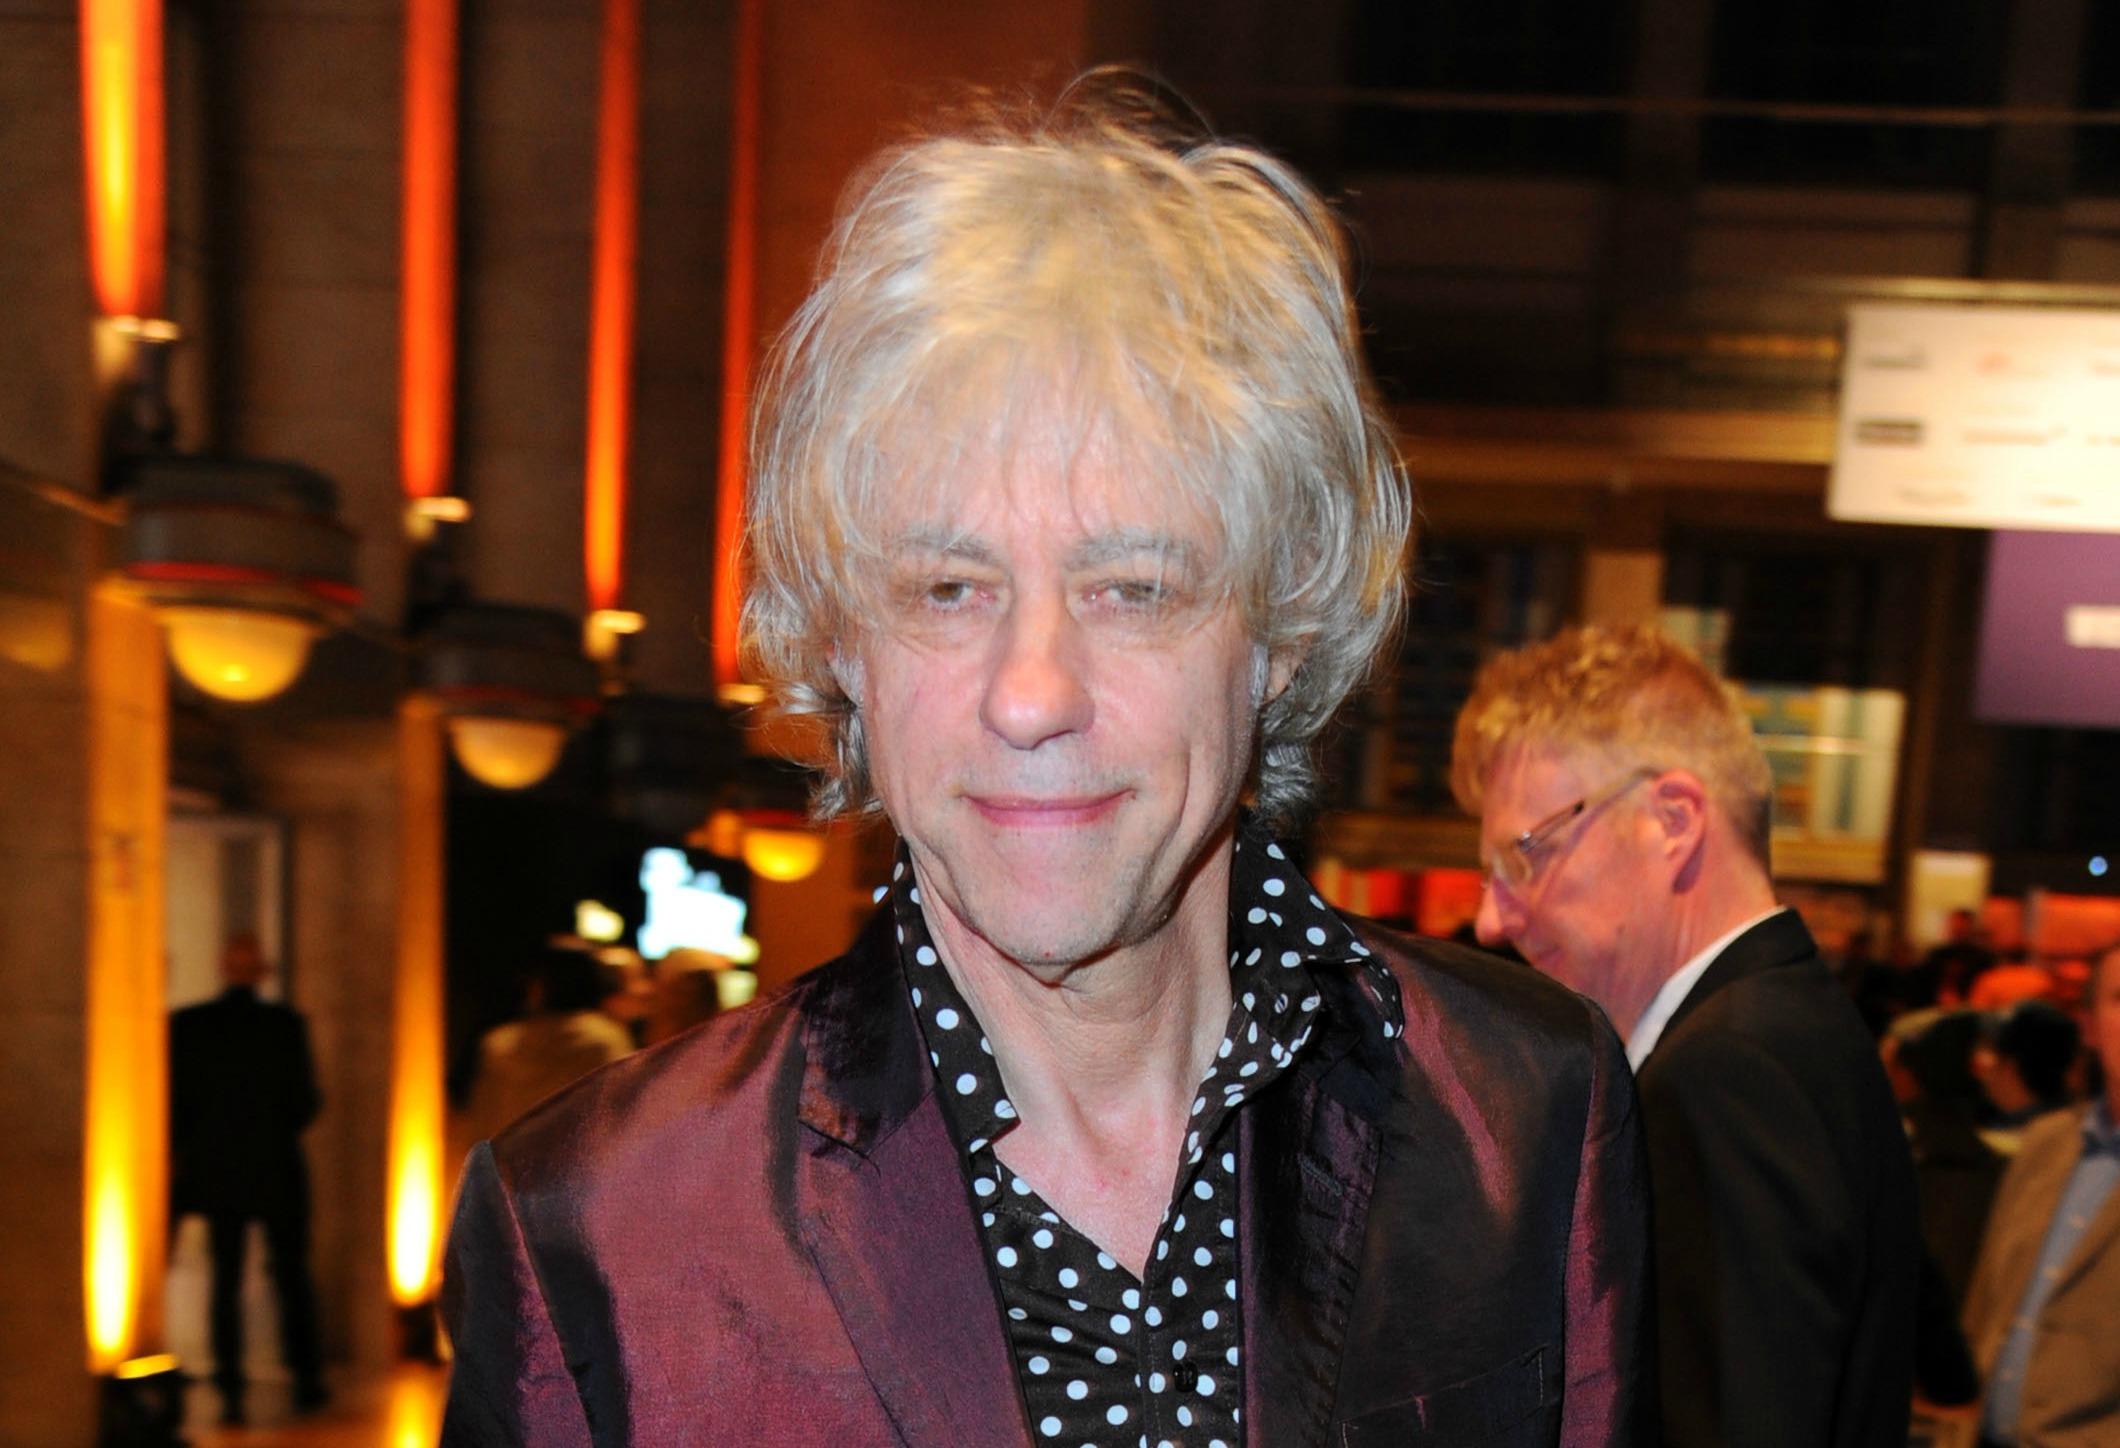 Bob Geldof is engaged to his girlfriend of 18 years Jeanne Marine